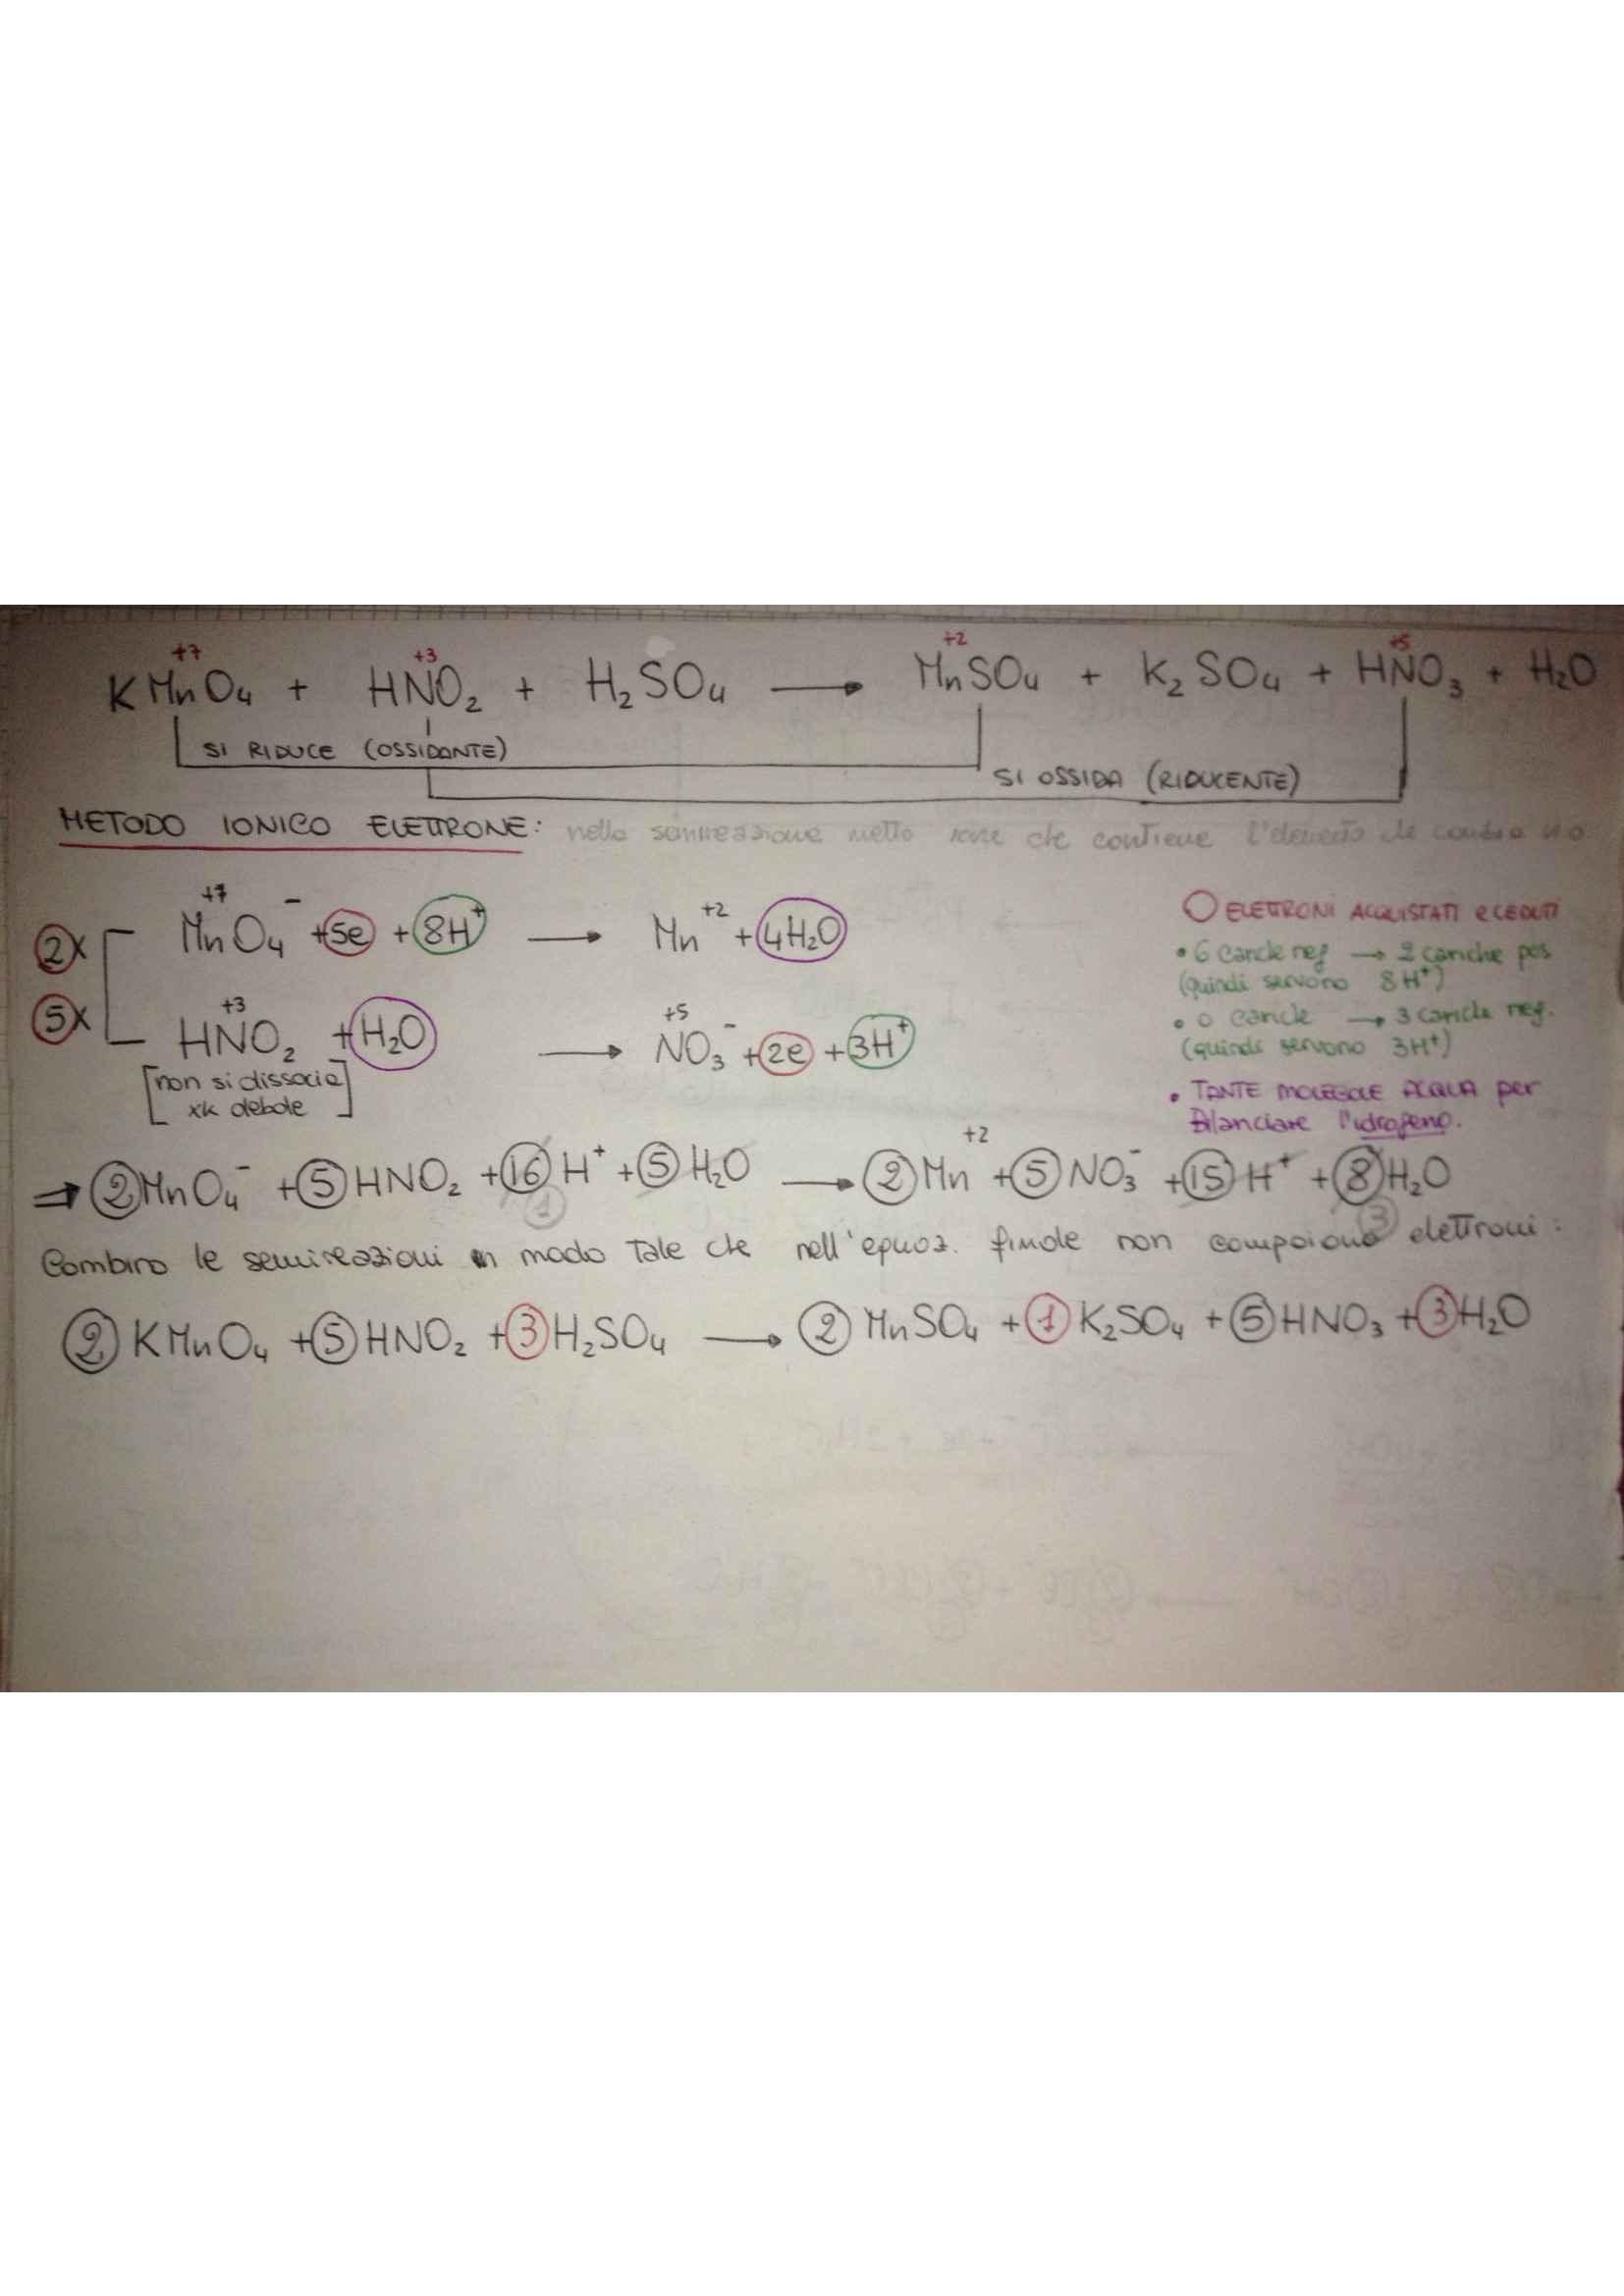 Fondamenti di chimica - reazioni chimiche e esercizi sulle ossidoriduzioni Pag. 11